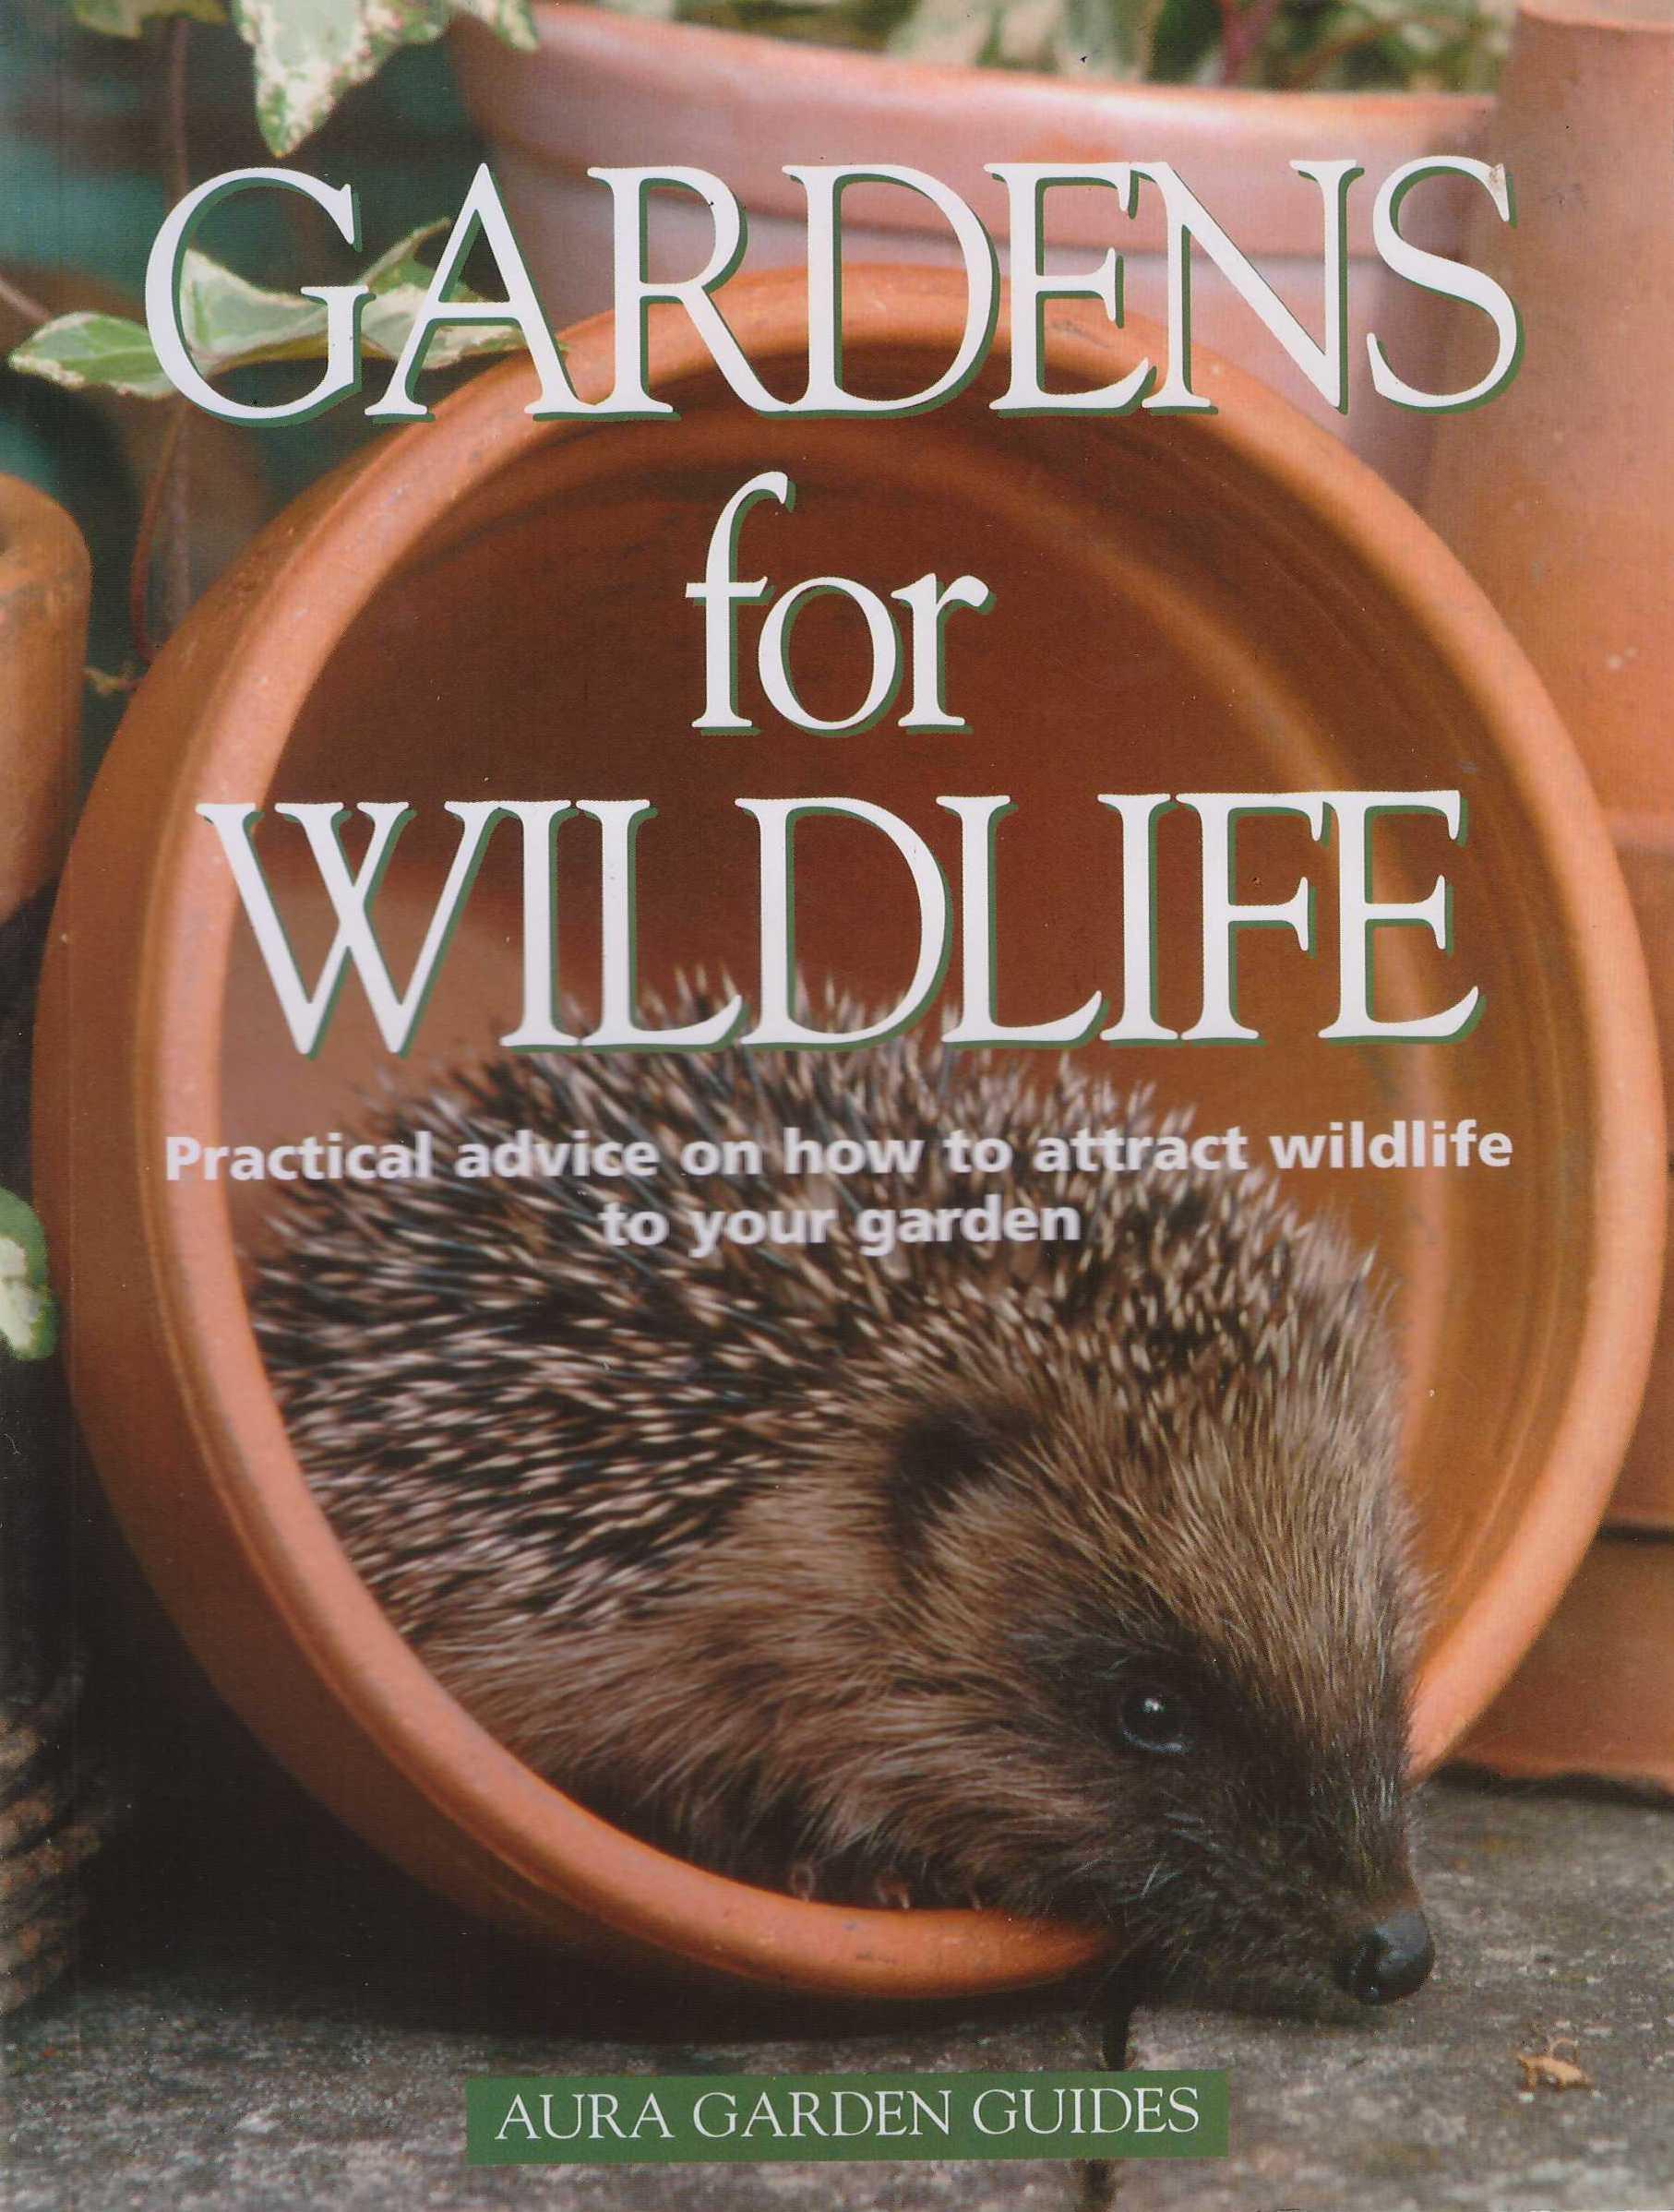 Gardens for Wildlife